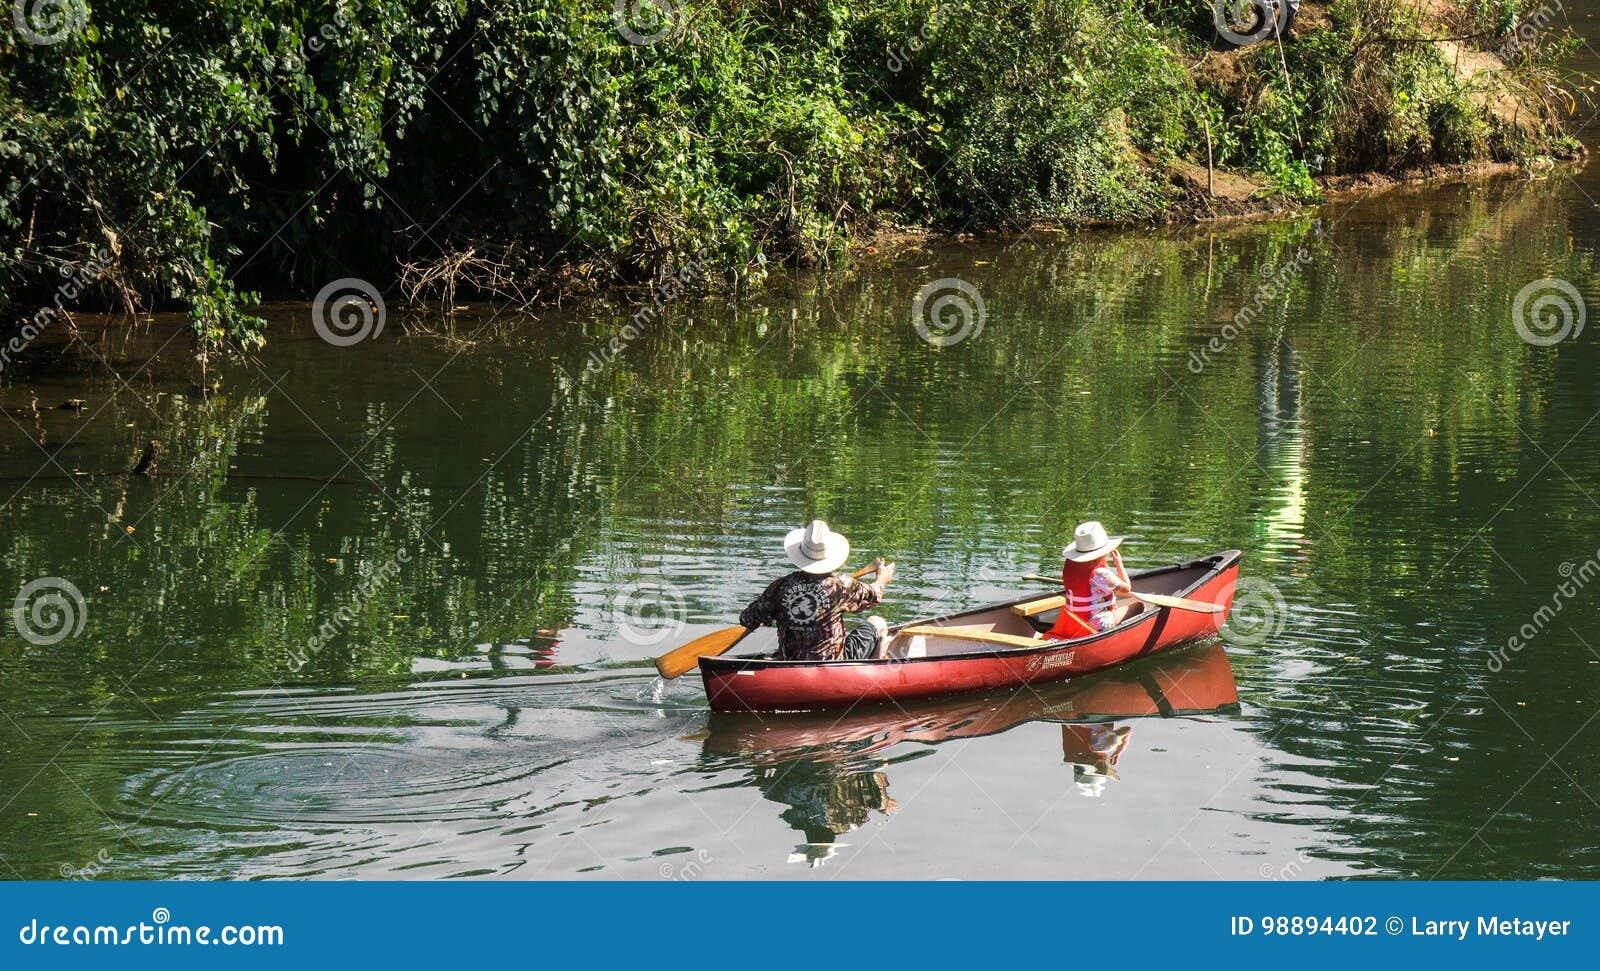 Ojca i córki kajakarstwo na rzece